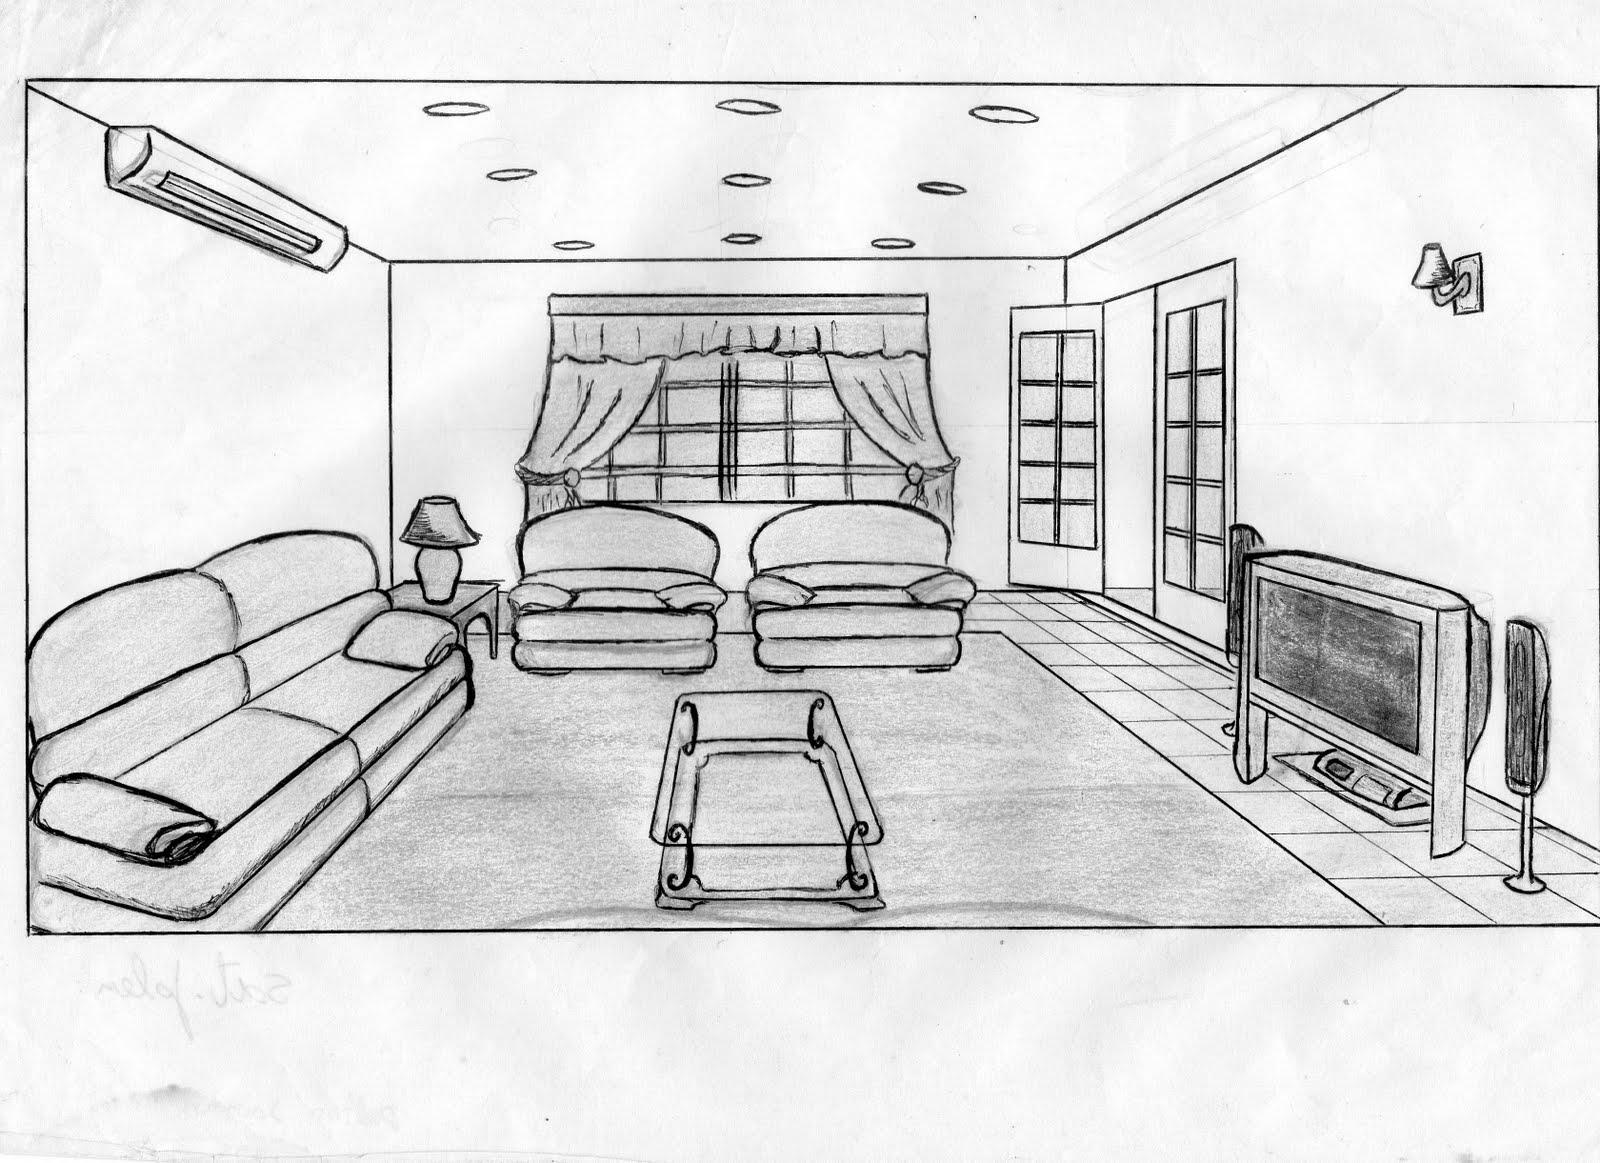 Decora o sala projeto colorir desenhos frozen imprimir for Como e living room em portugues